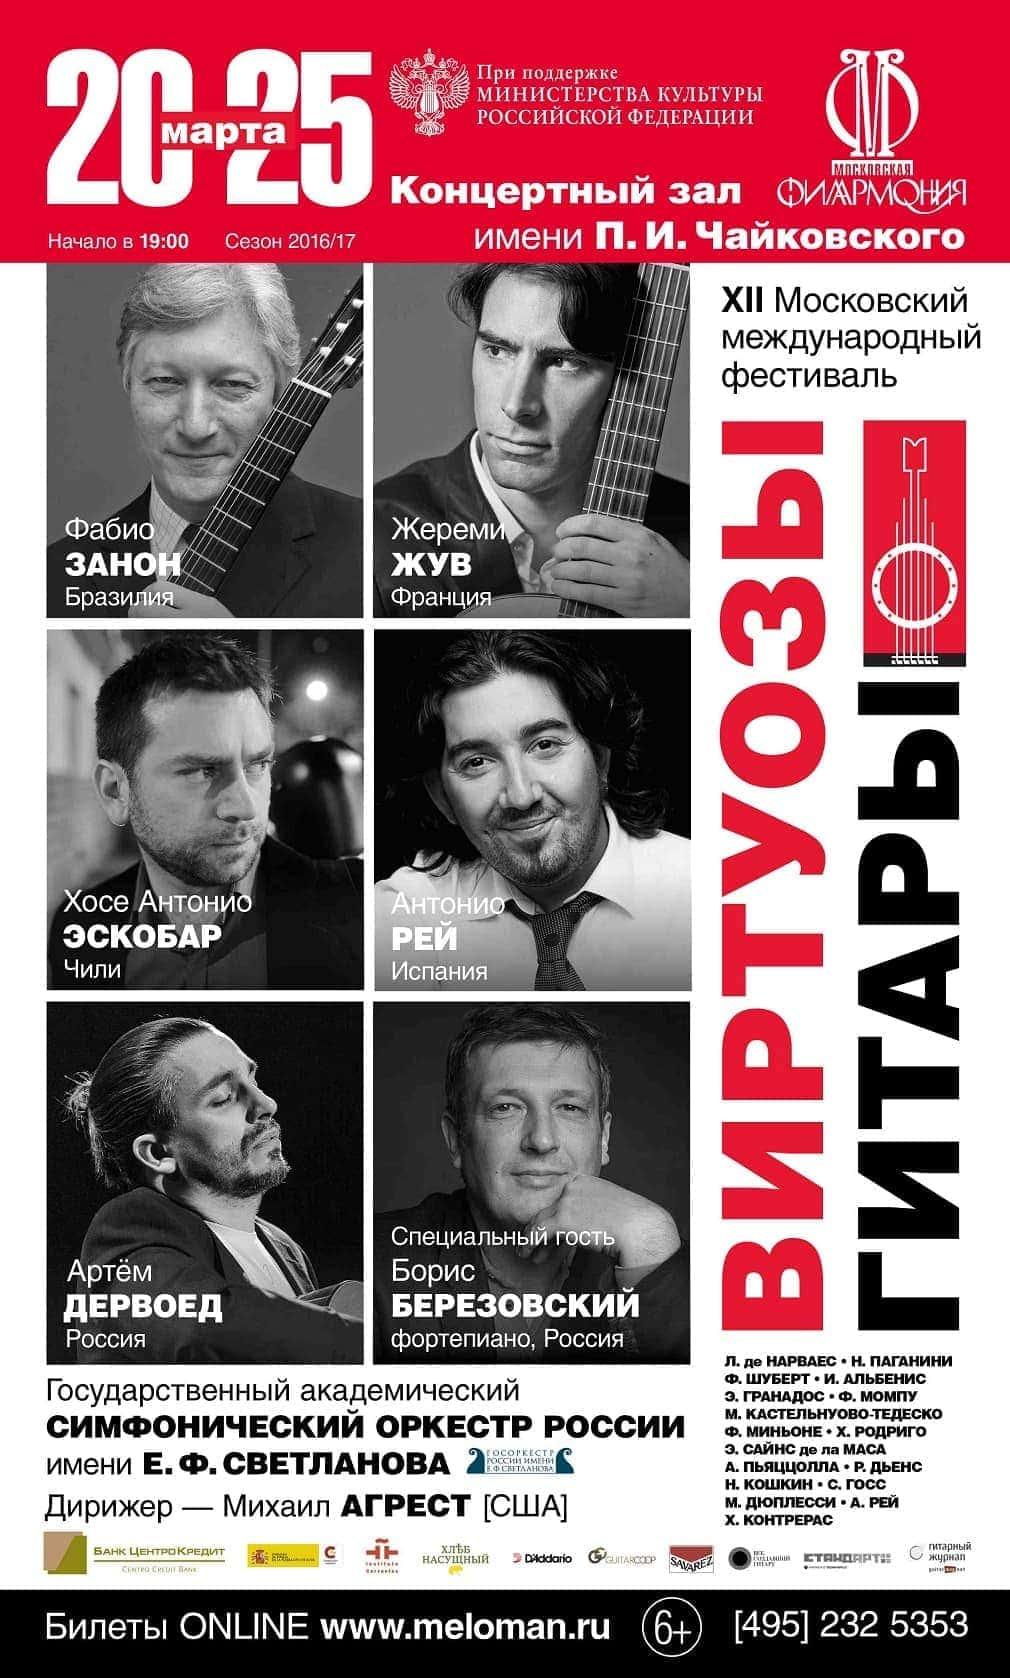 12 Московский международный фестиваль «Виртуозы гитары»